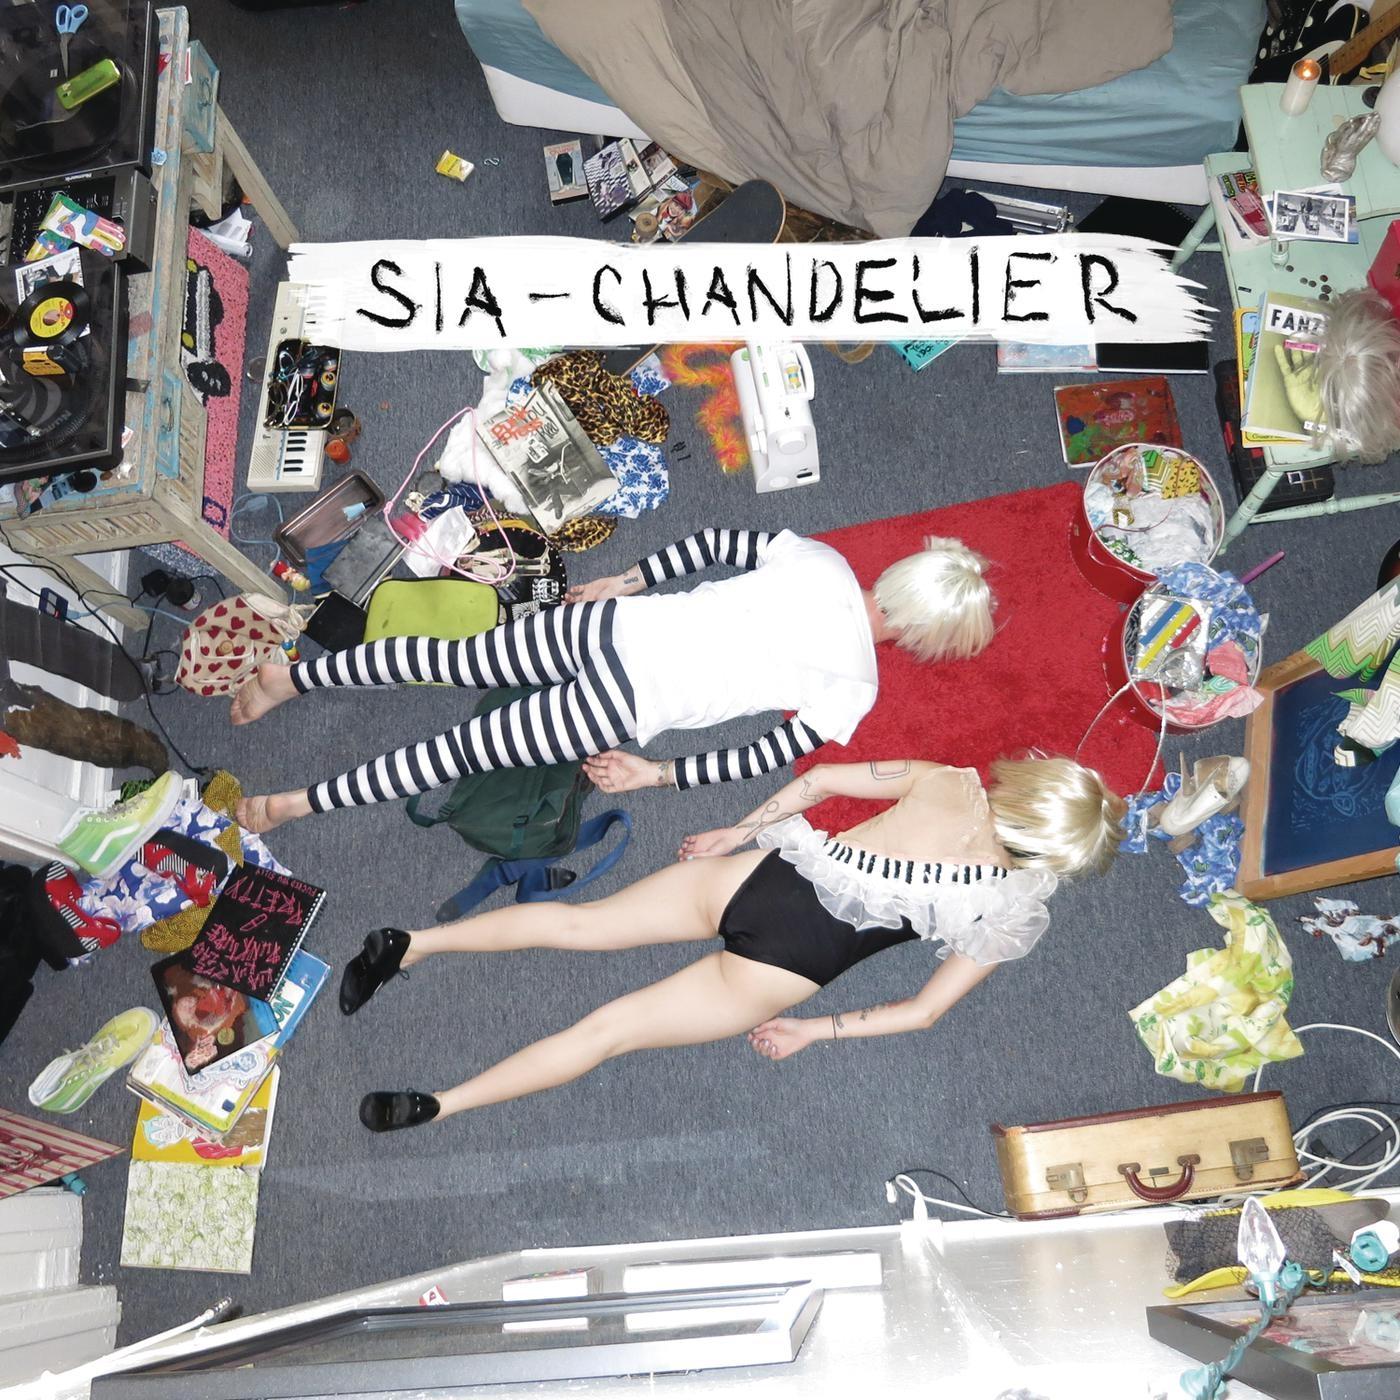 Chandelier | Sia Wiki | FANDOM powered by Wikia